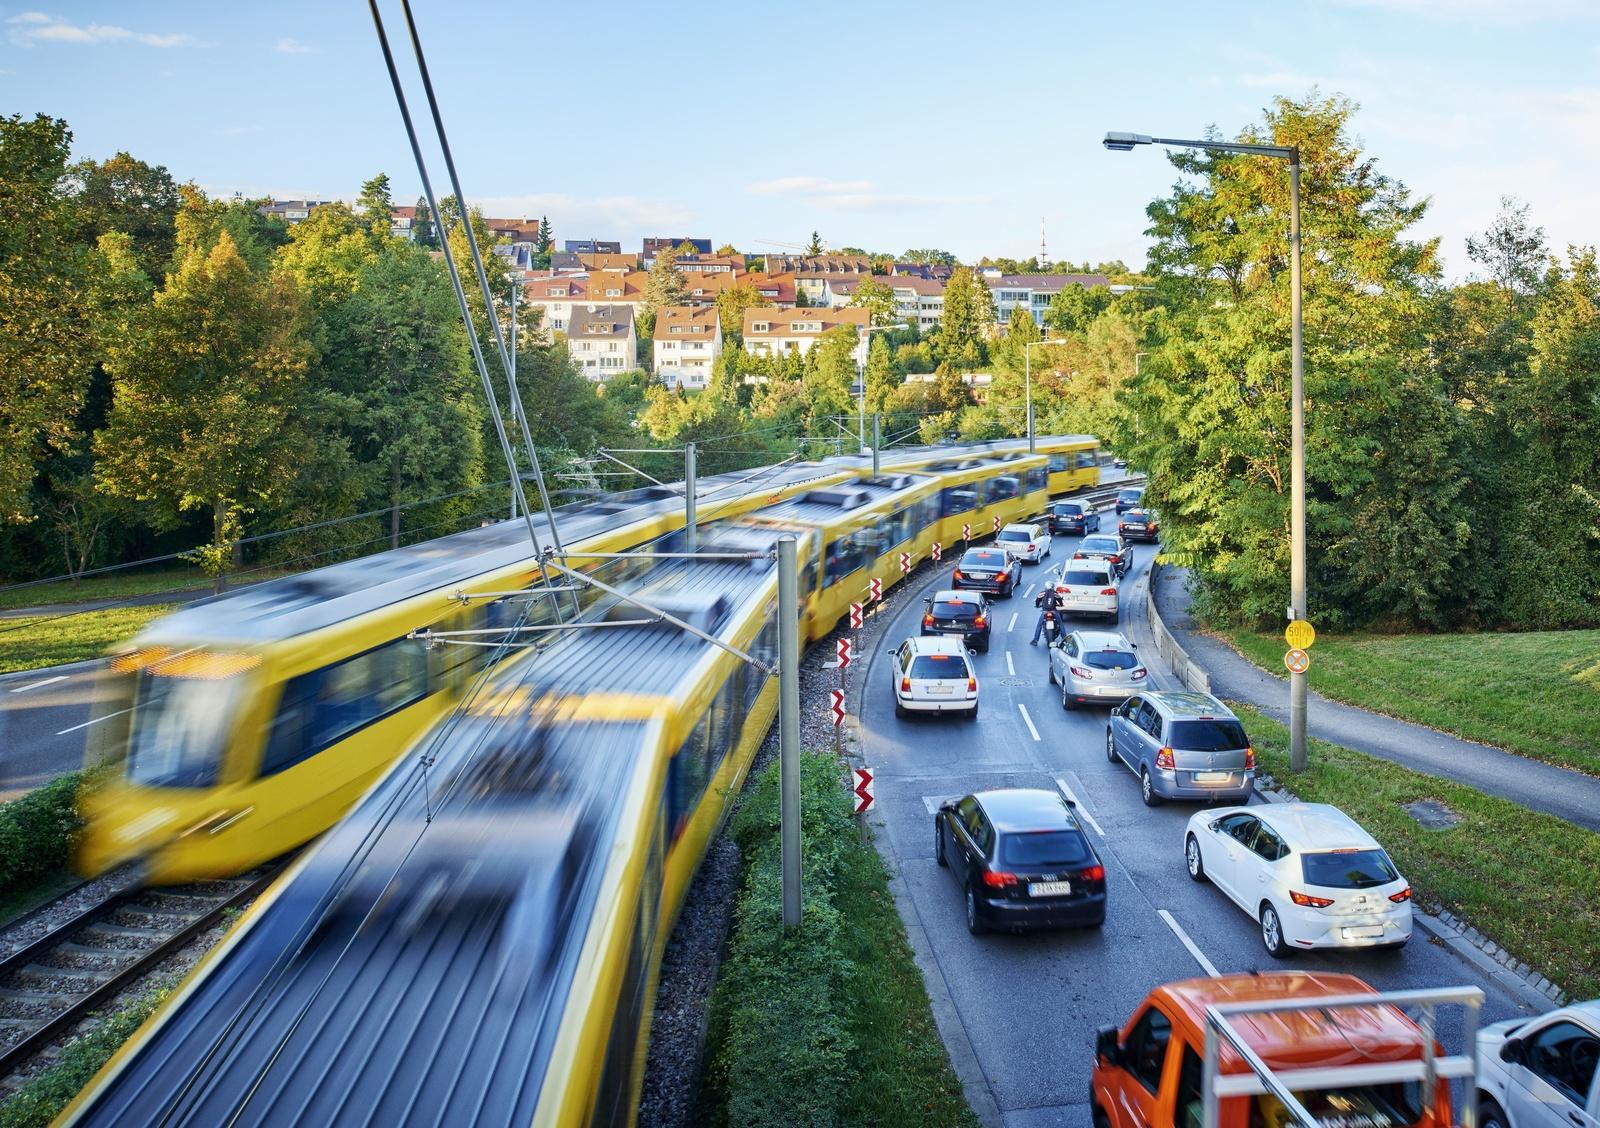 Viel Verkehr in Stuttgart: In der Landeshauptstadt ist der Kraftfahrzeugkehr eine besondere Feinstaubquelle. Autofahrer sollten an Tagen mit Feinstaubalarm möglichst auf die Busse und Bahnen des VVS umsteigen.